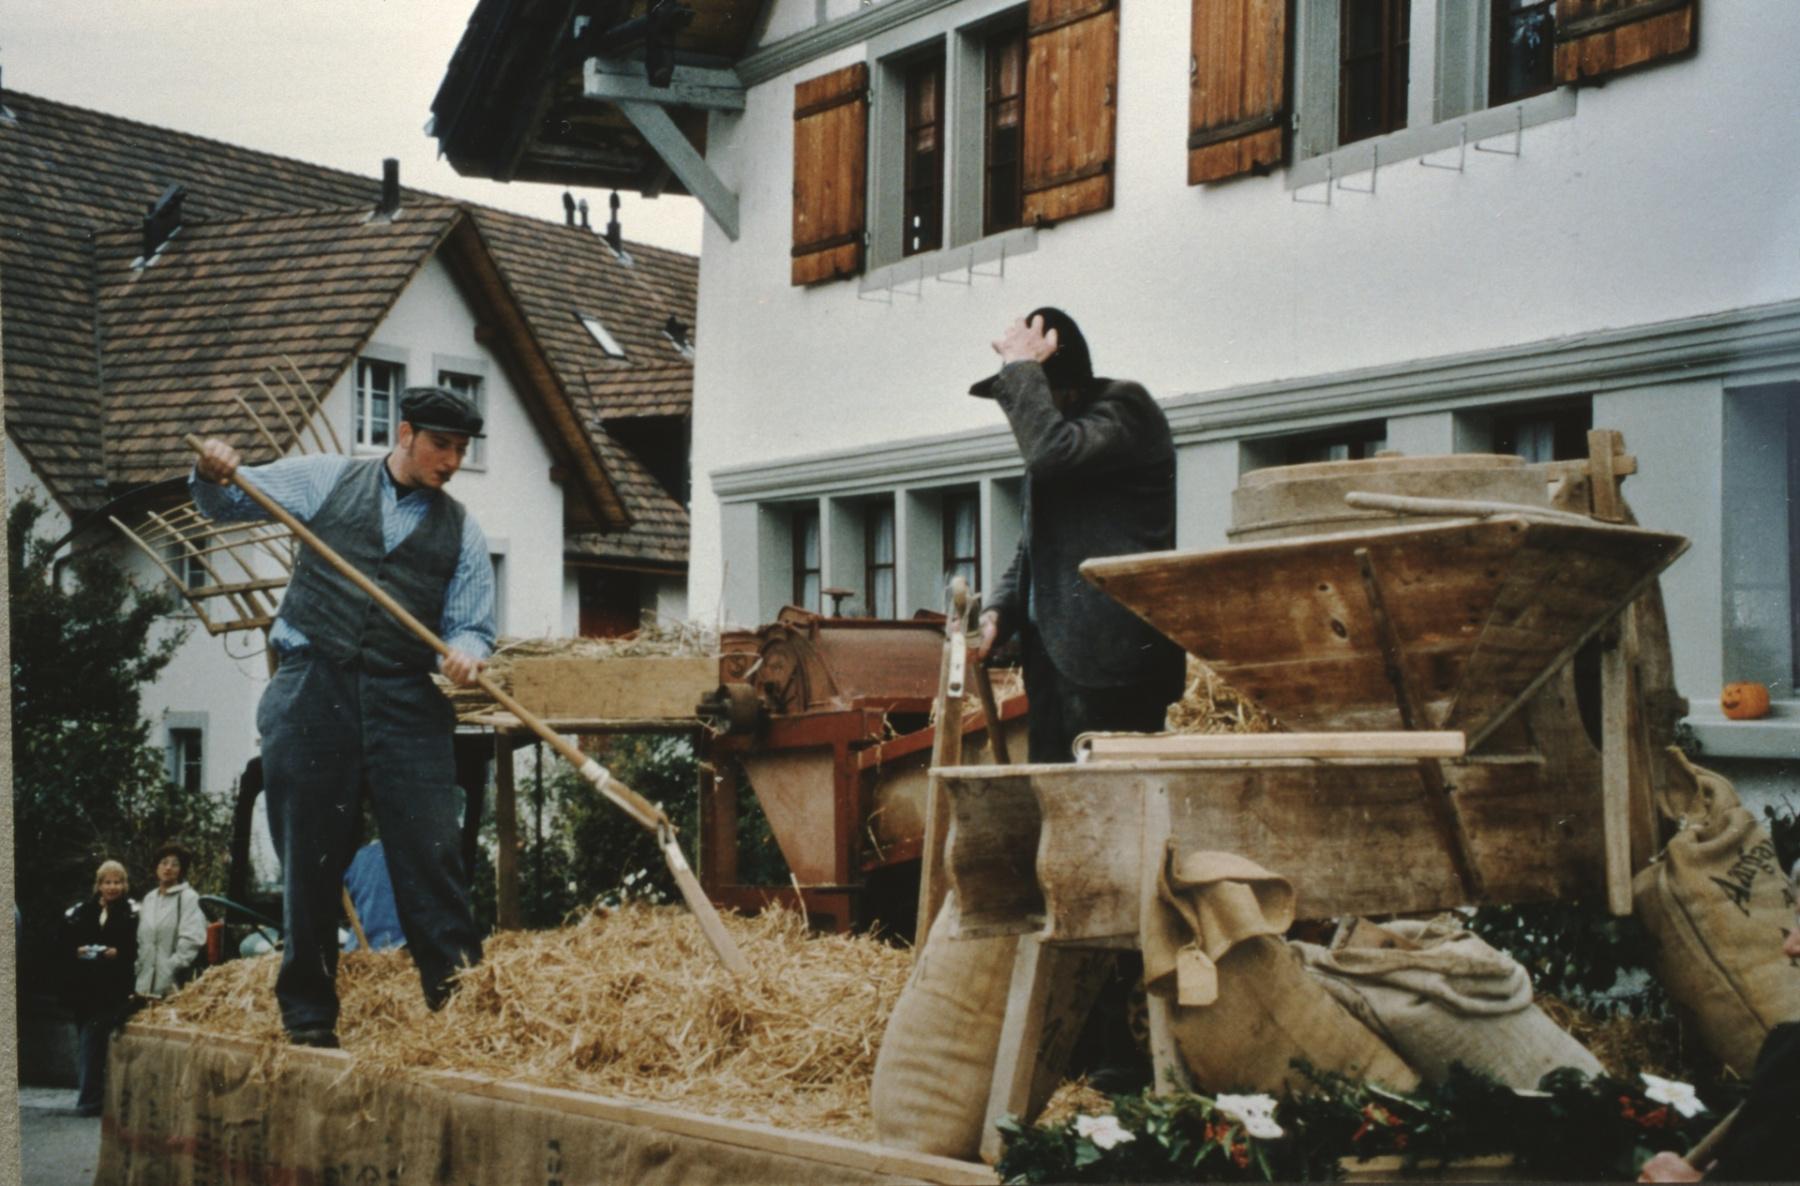 Jubiläumsumzug 100 Jahre Viehzuchtgenossenschaft, Dreschen